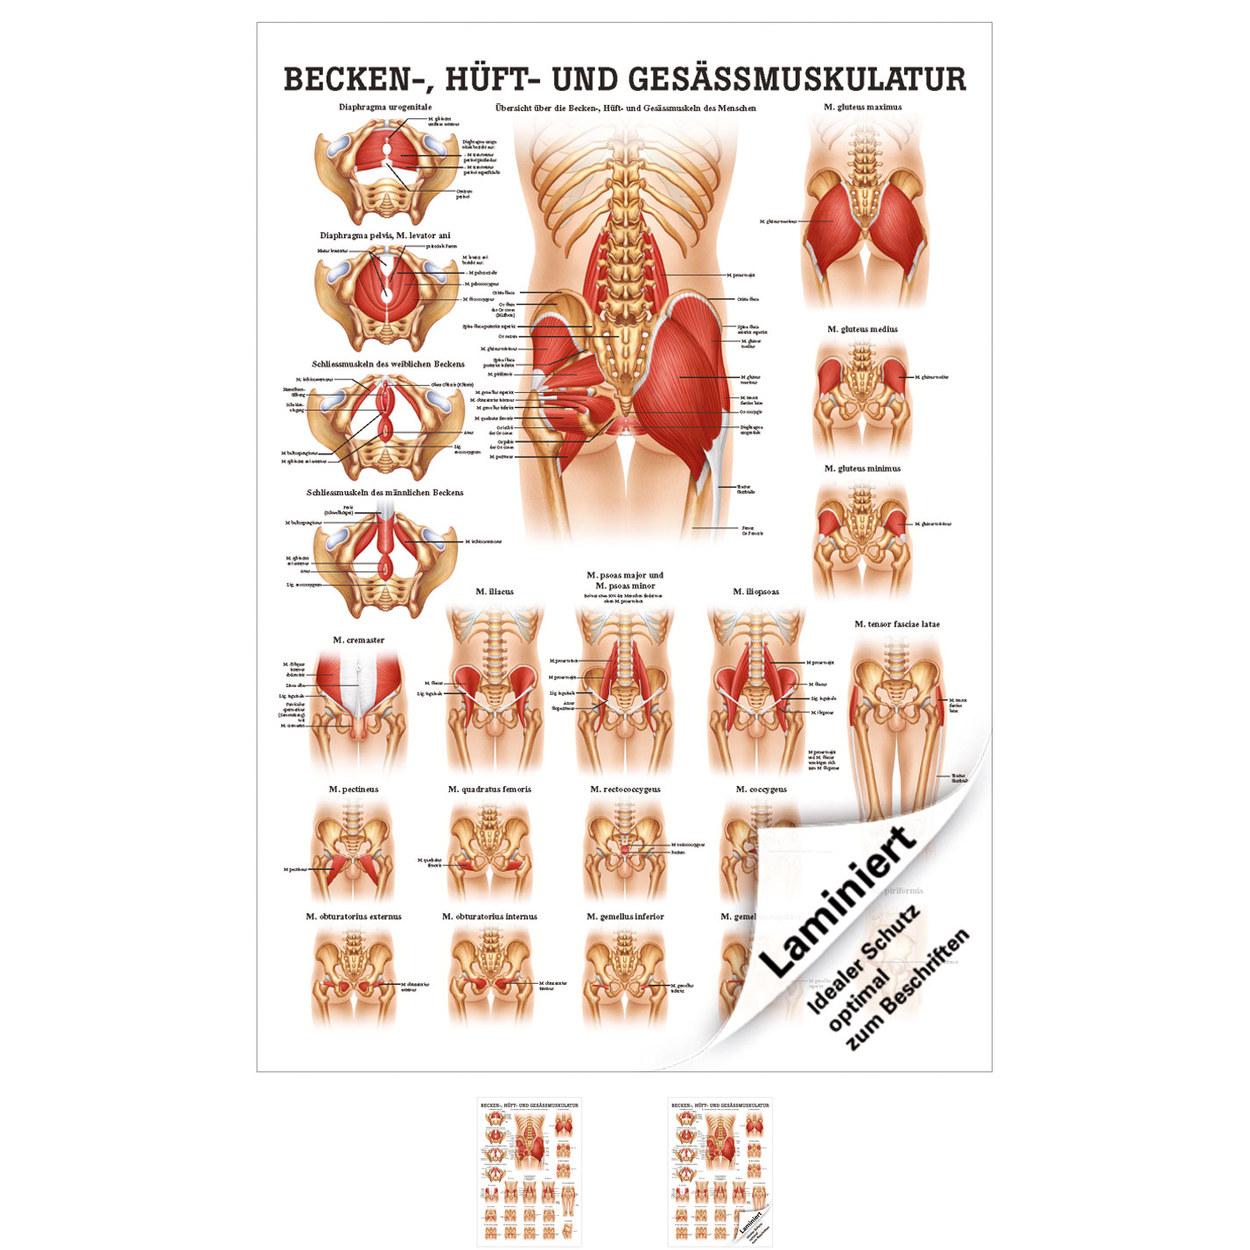 Atemberaubend Beckenbereich Anatomie Fotos - Menschliche Anatomie ...